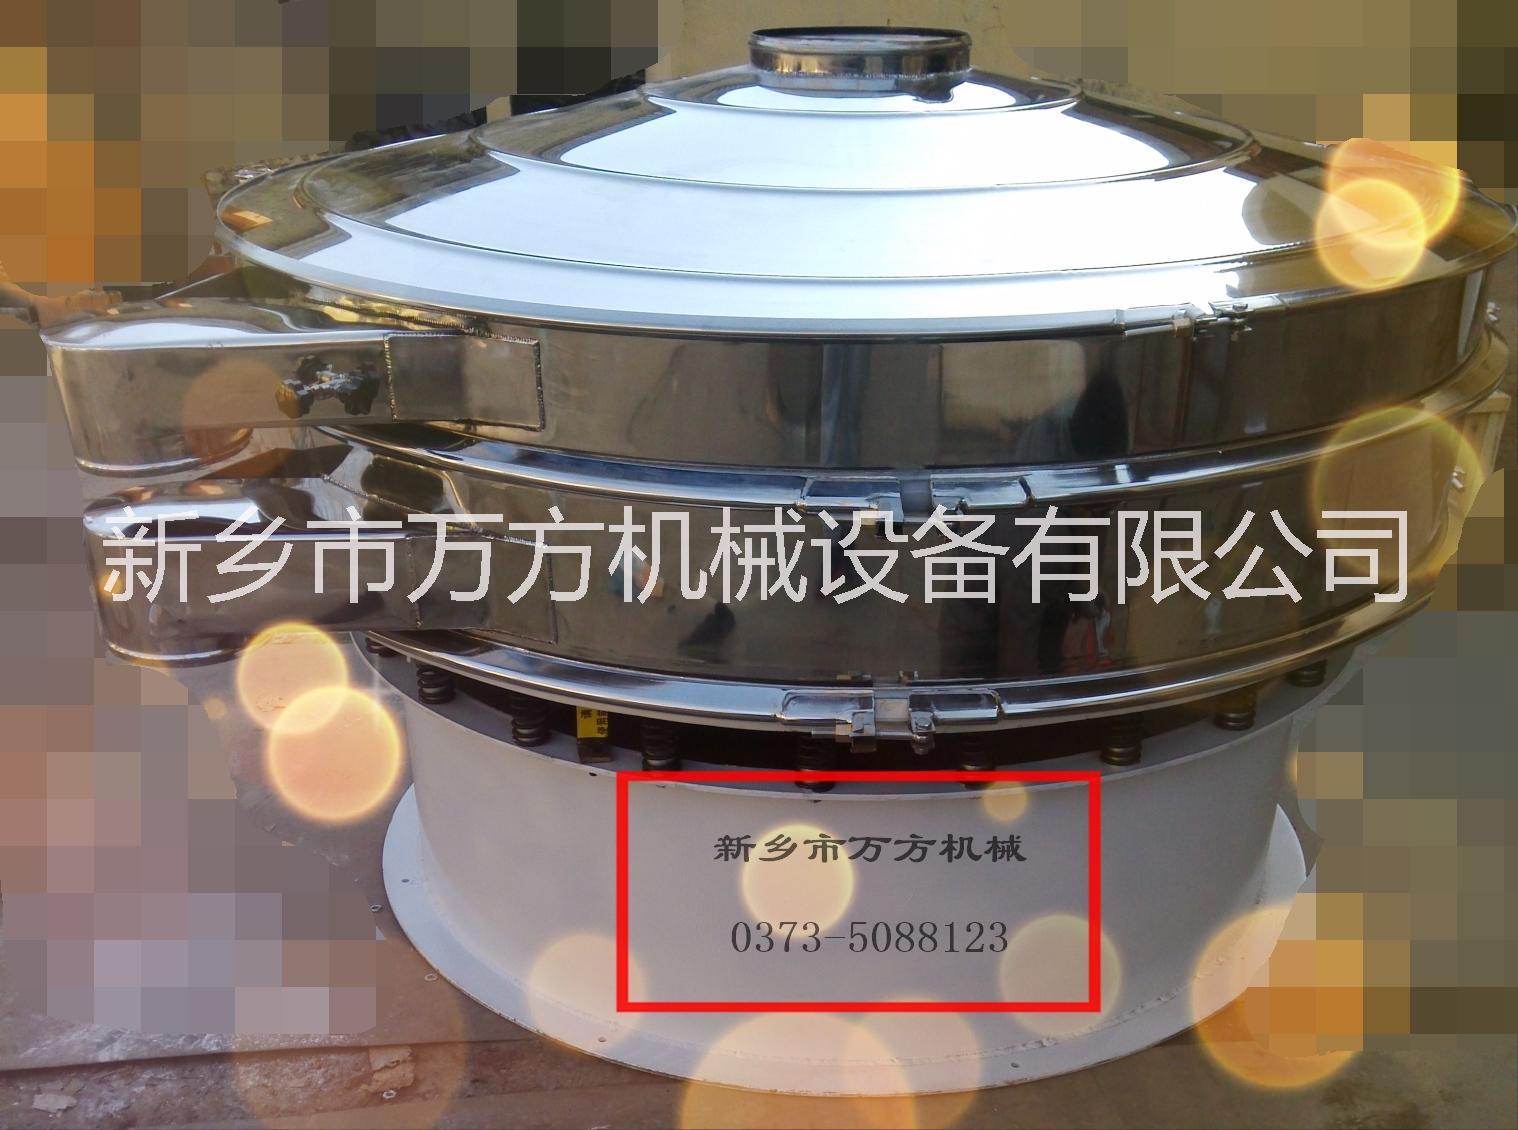 马铃薯/玉米/小麦淀粉振动筛哪家好?-新乡市万方机械设备有限公司